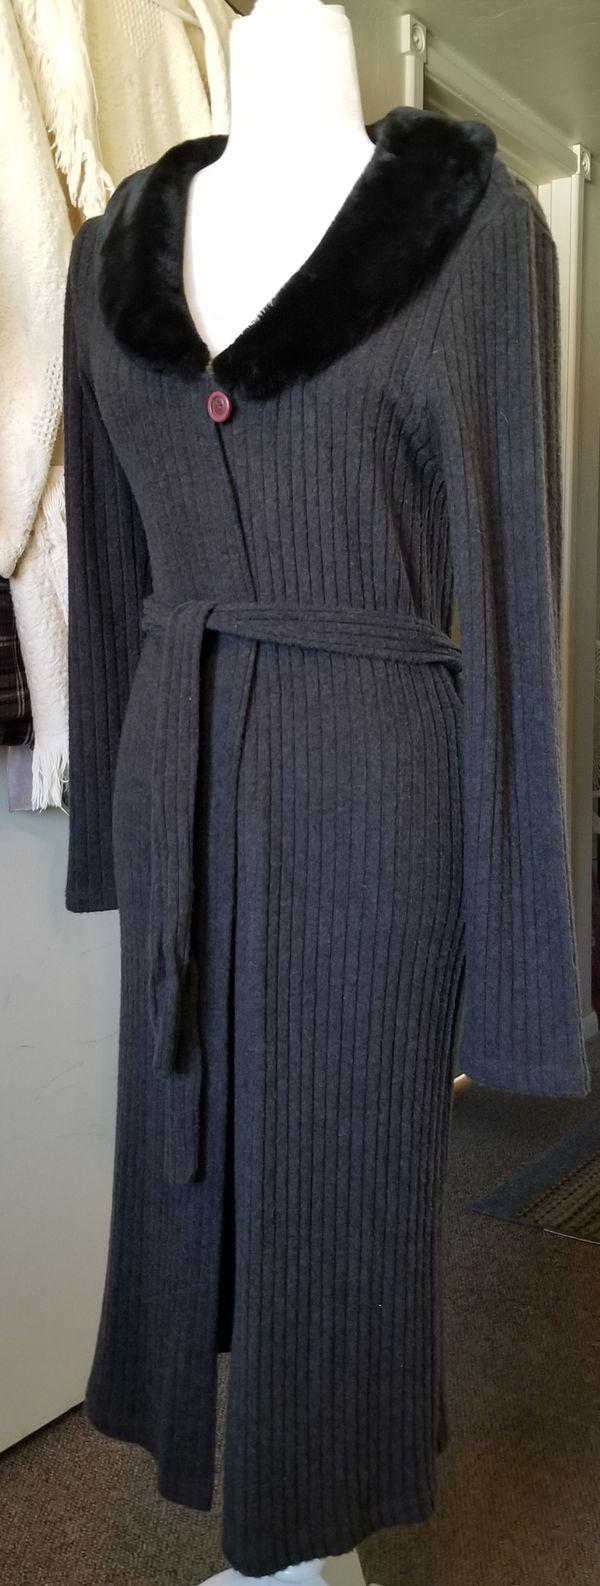 Long black sweater coat